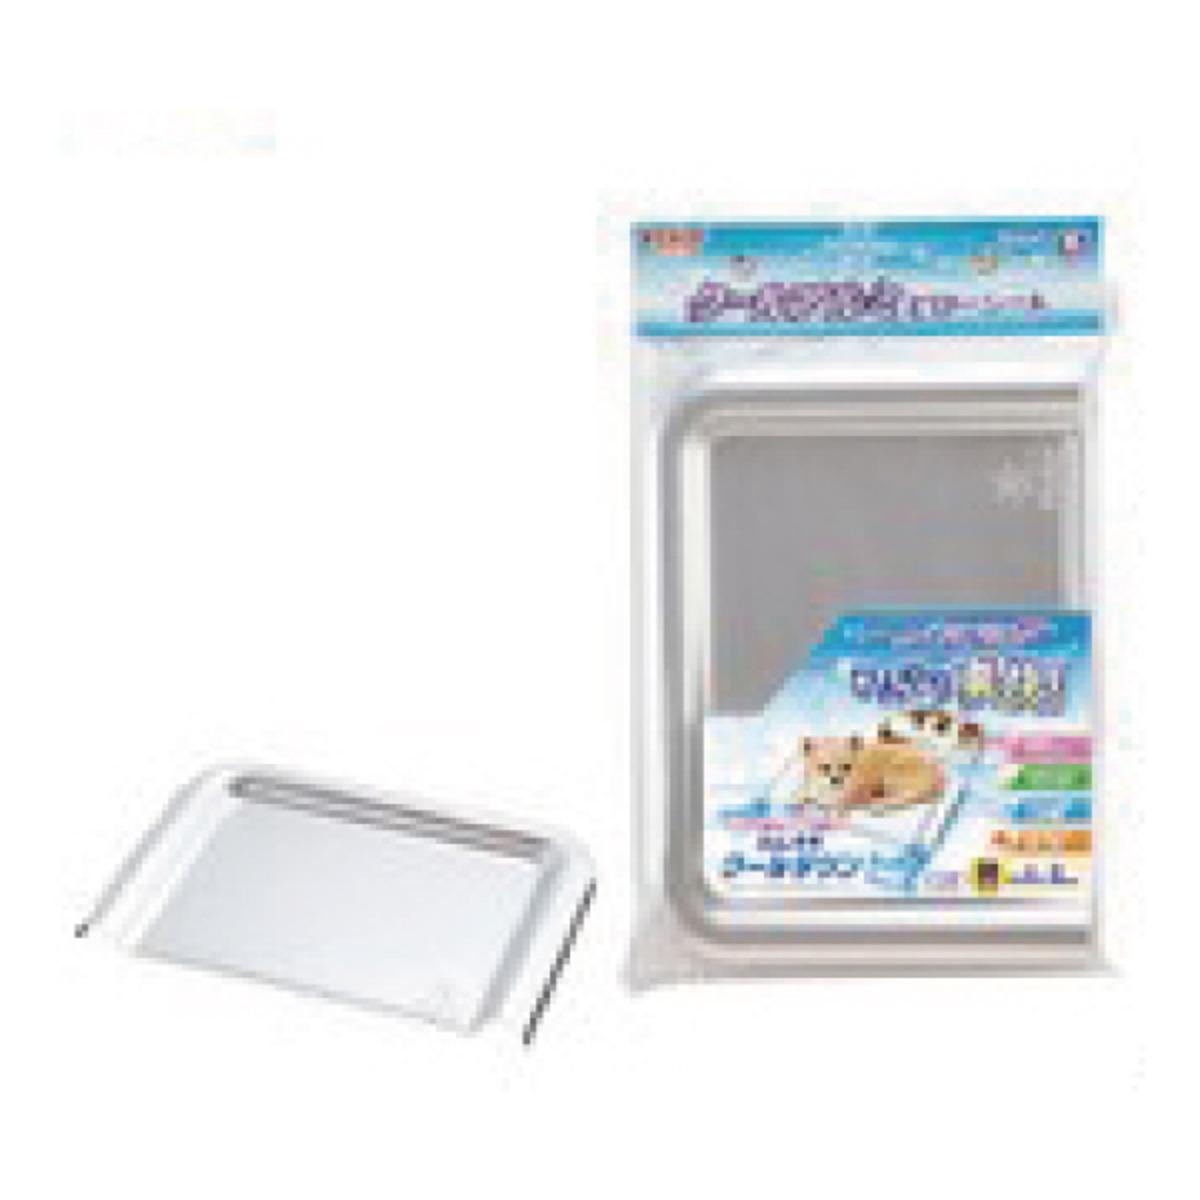 夏季冰涼系列鋁製可枕涼墊(中)(W25124)